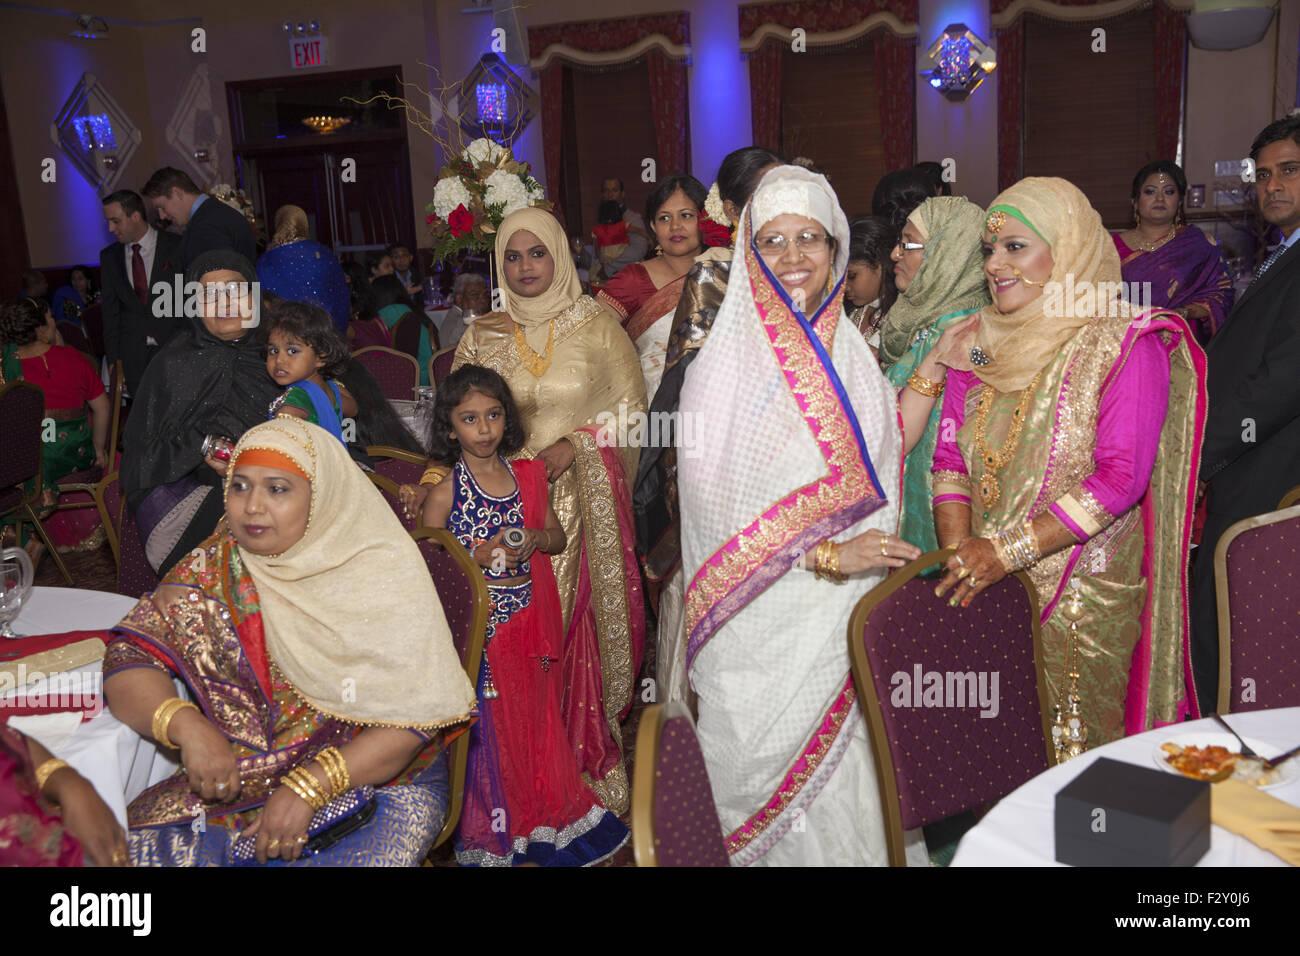 Guests At A Bangladeshi Muslim Wedding Reception In